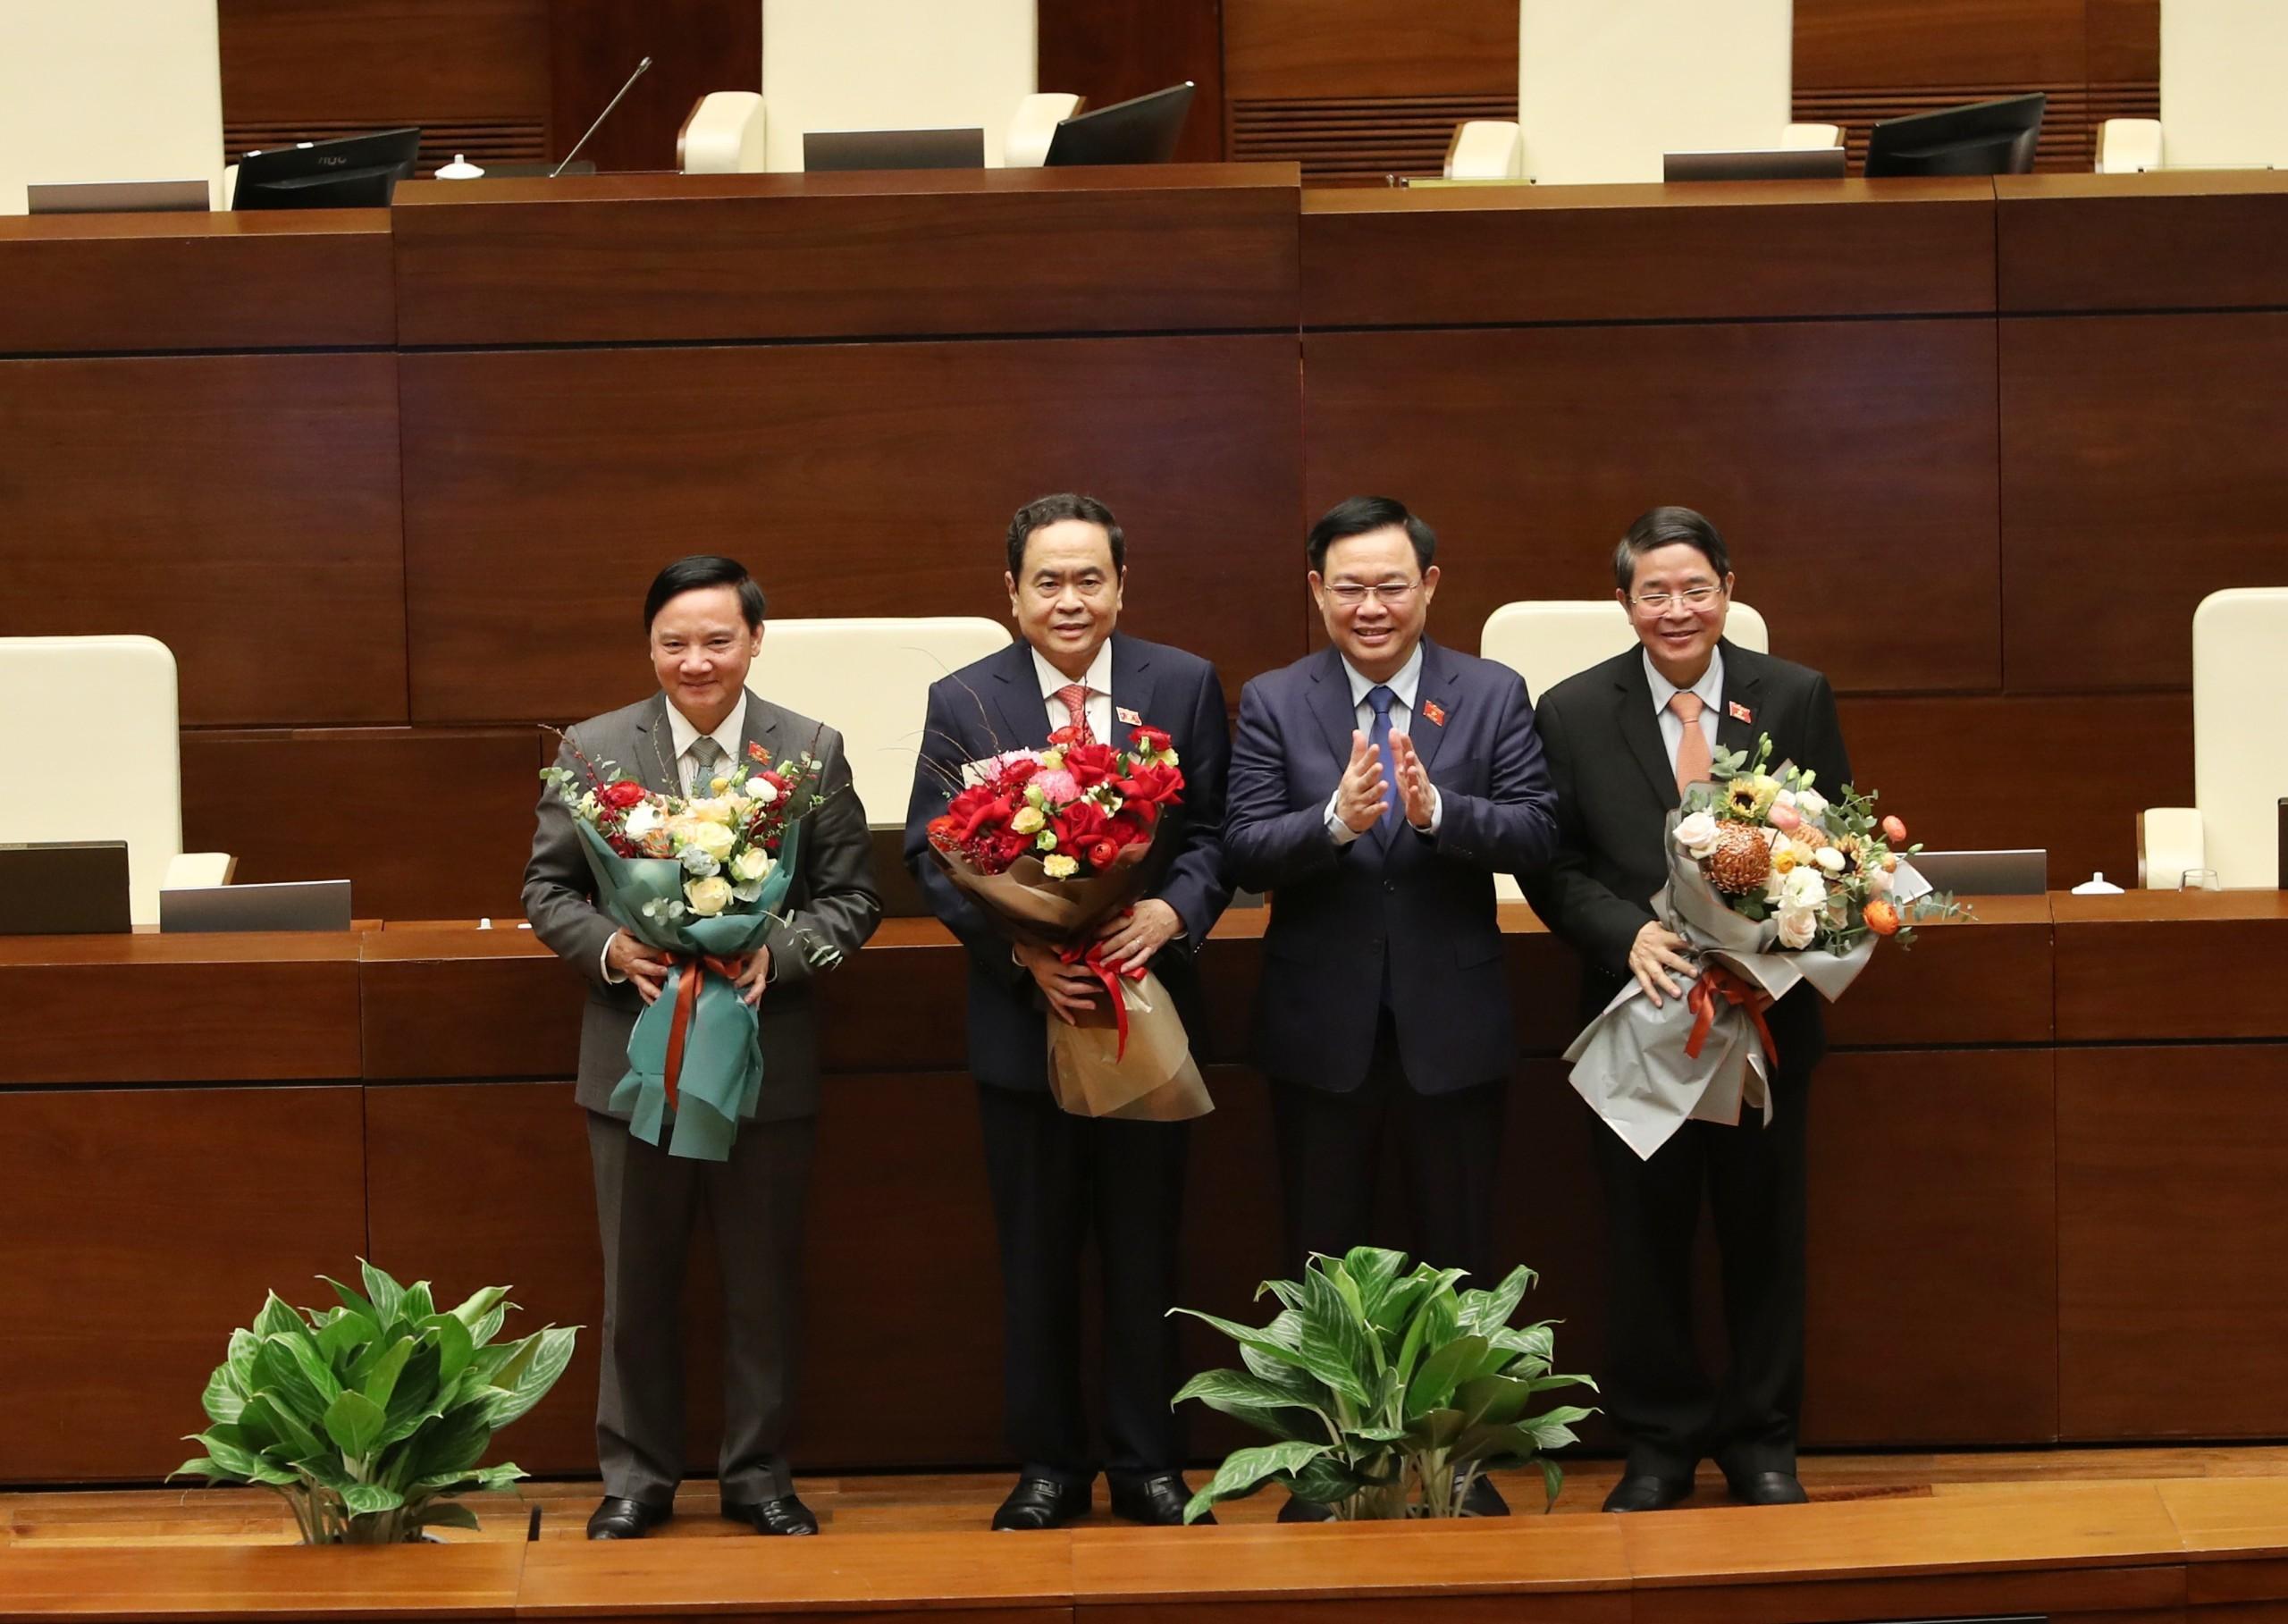 Một ủy viên Bộ Chính trị và hai ủy viên Trung ương làm Phó Chủ tịch Quốc hội